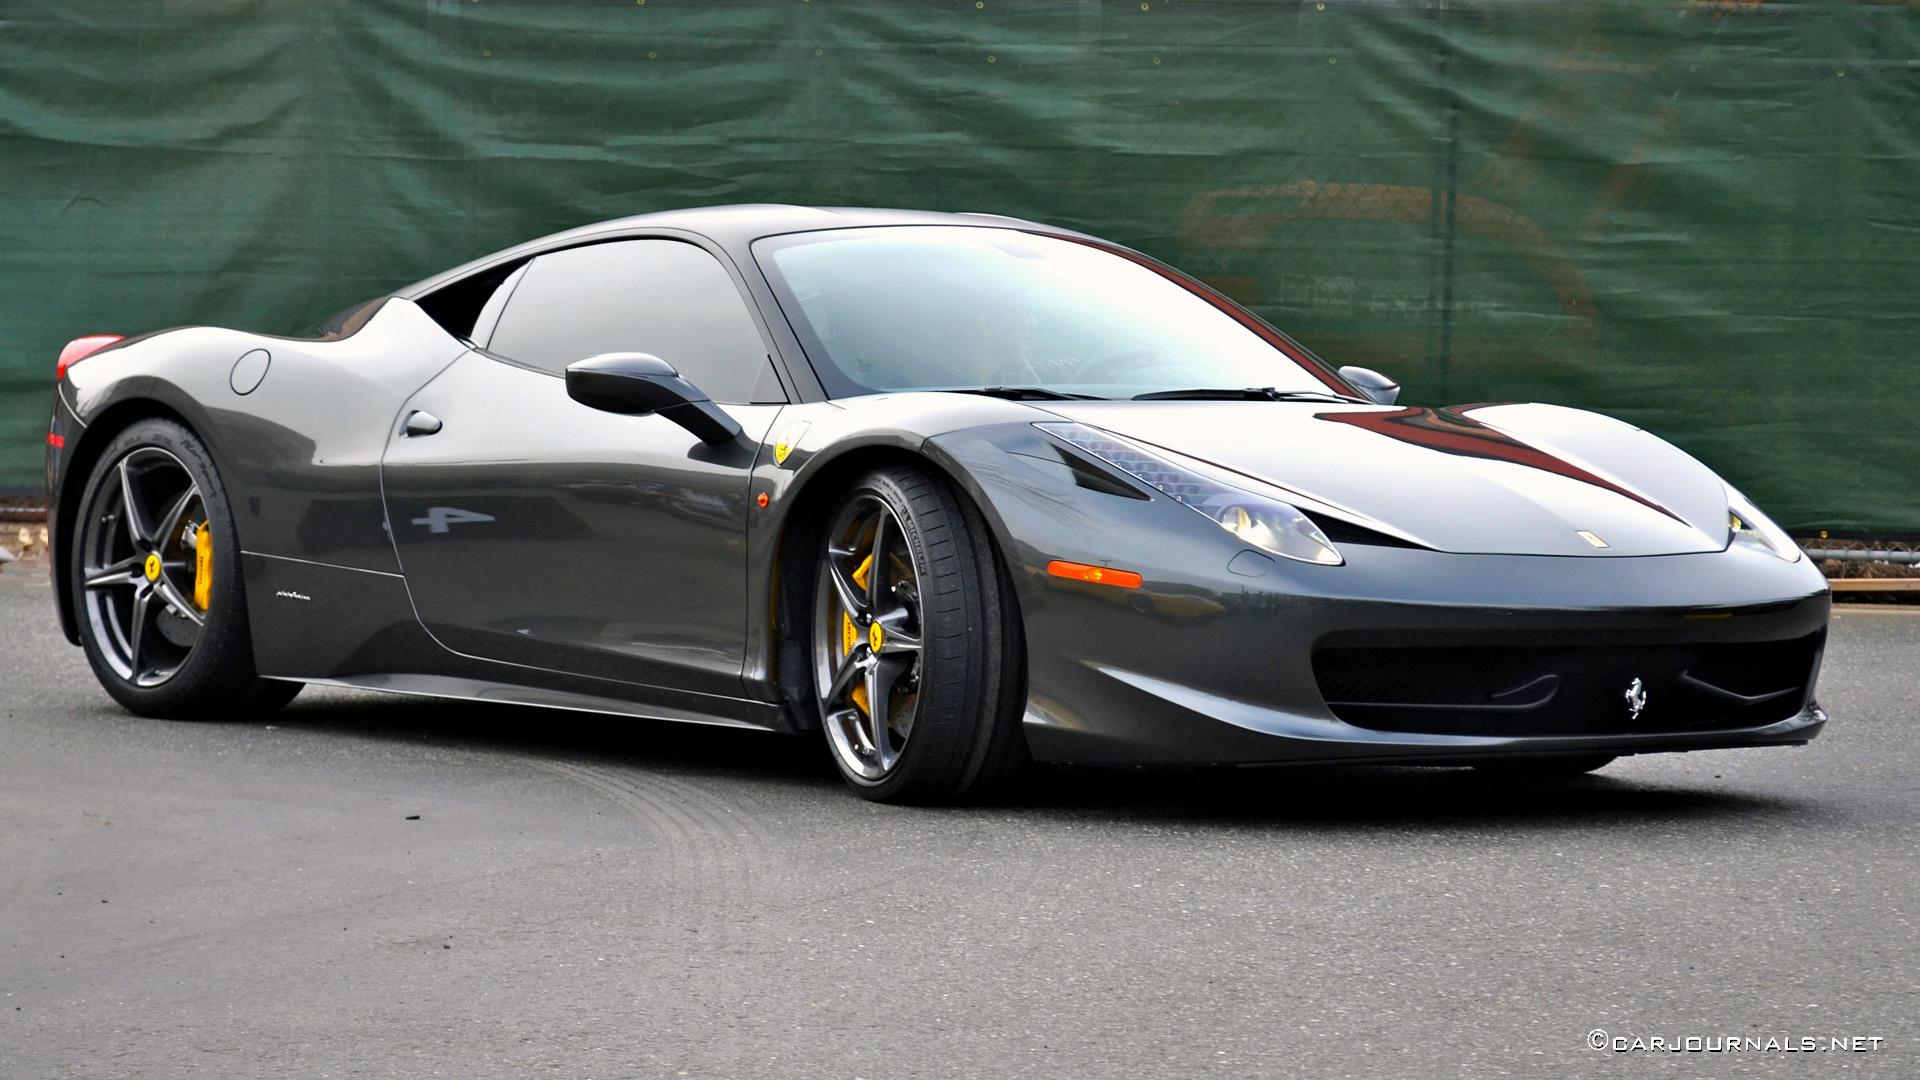 Hd Car Wallpapers Ferrari 458 Italia Car Journals